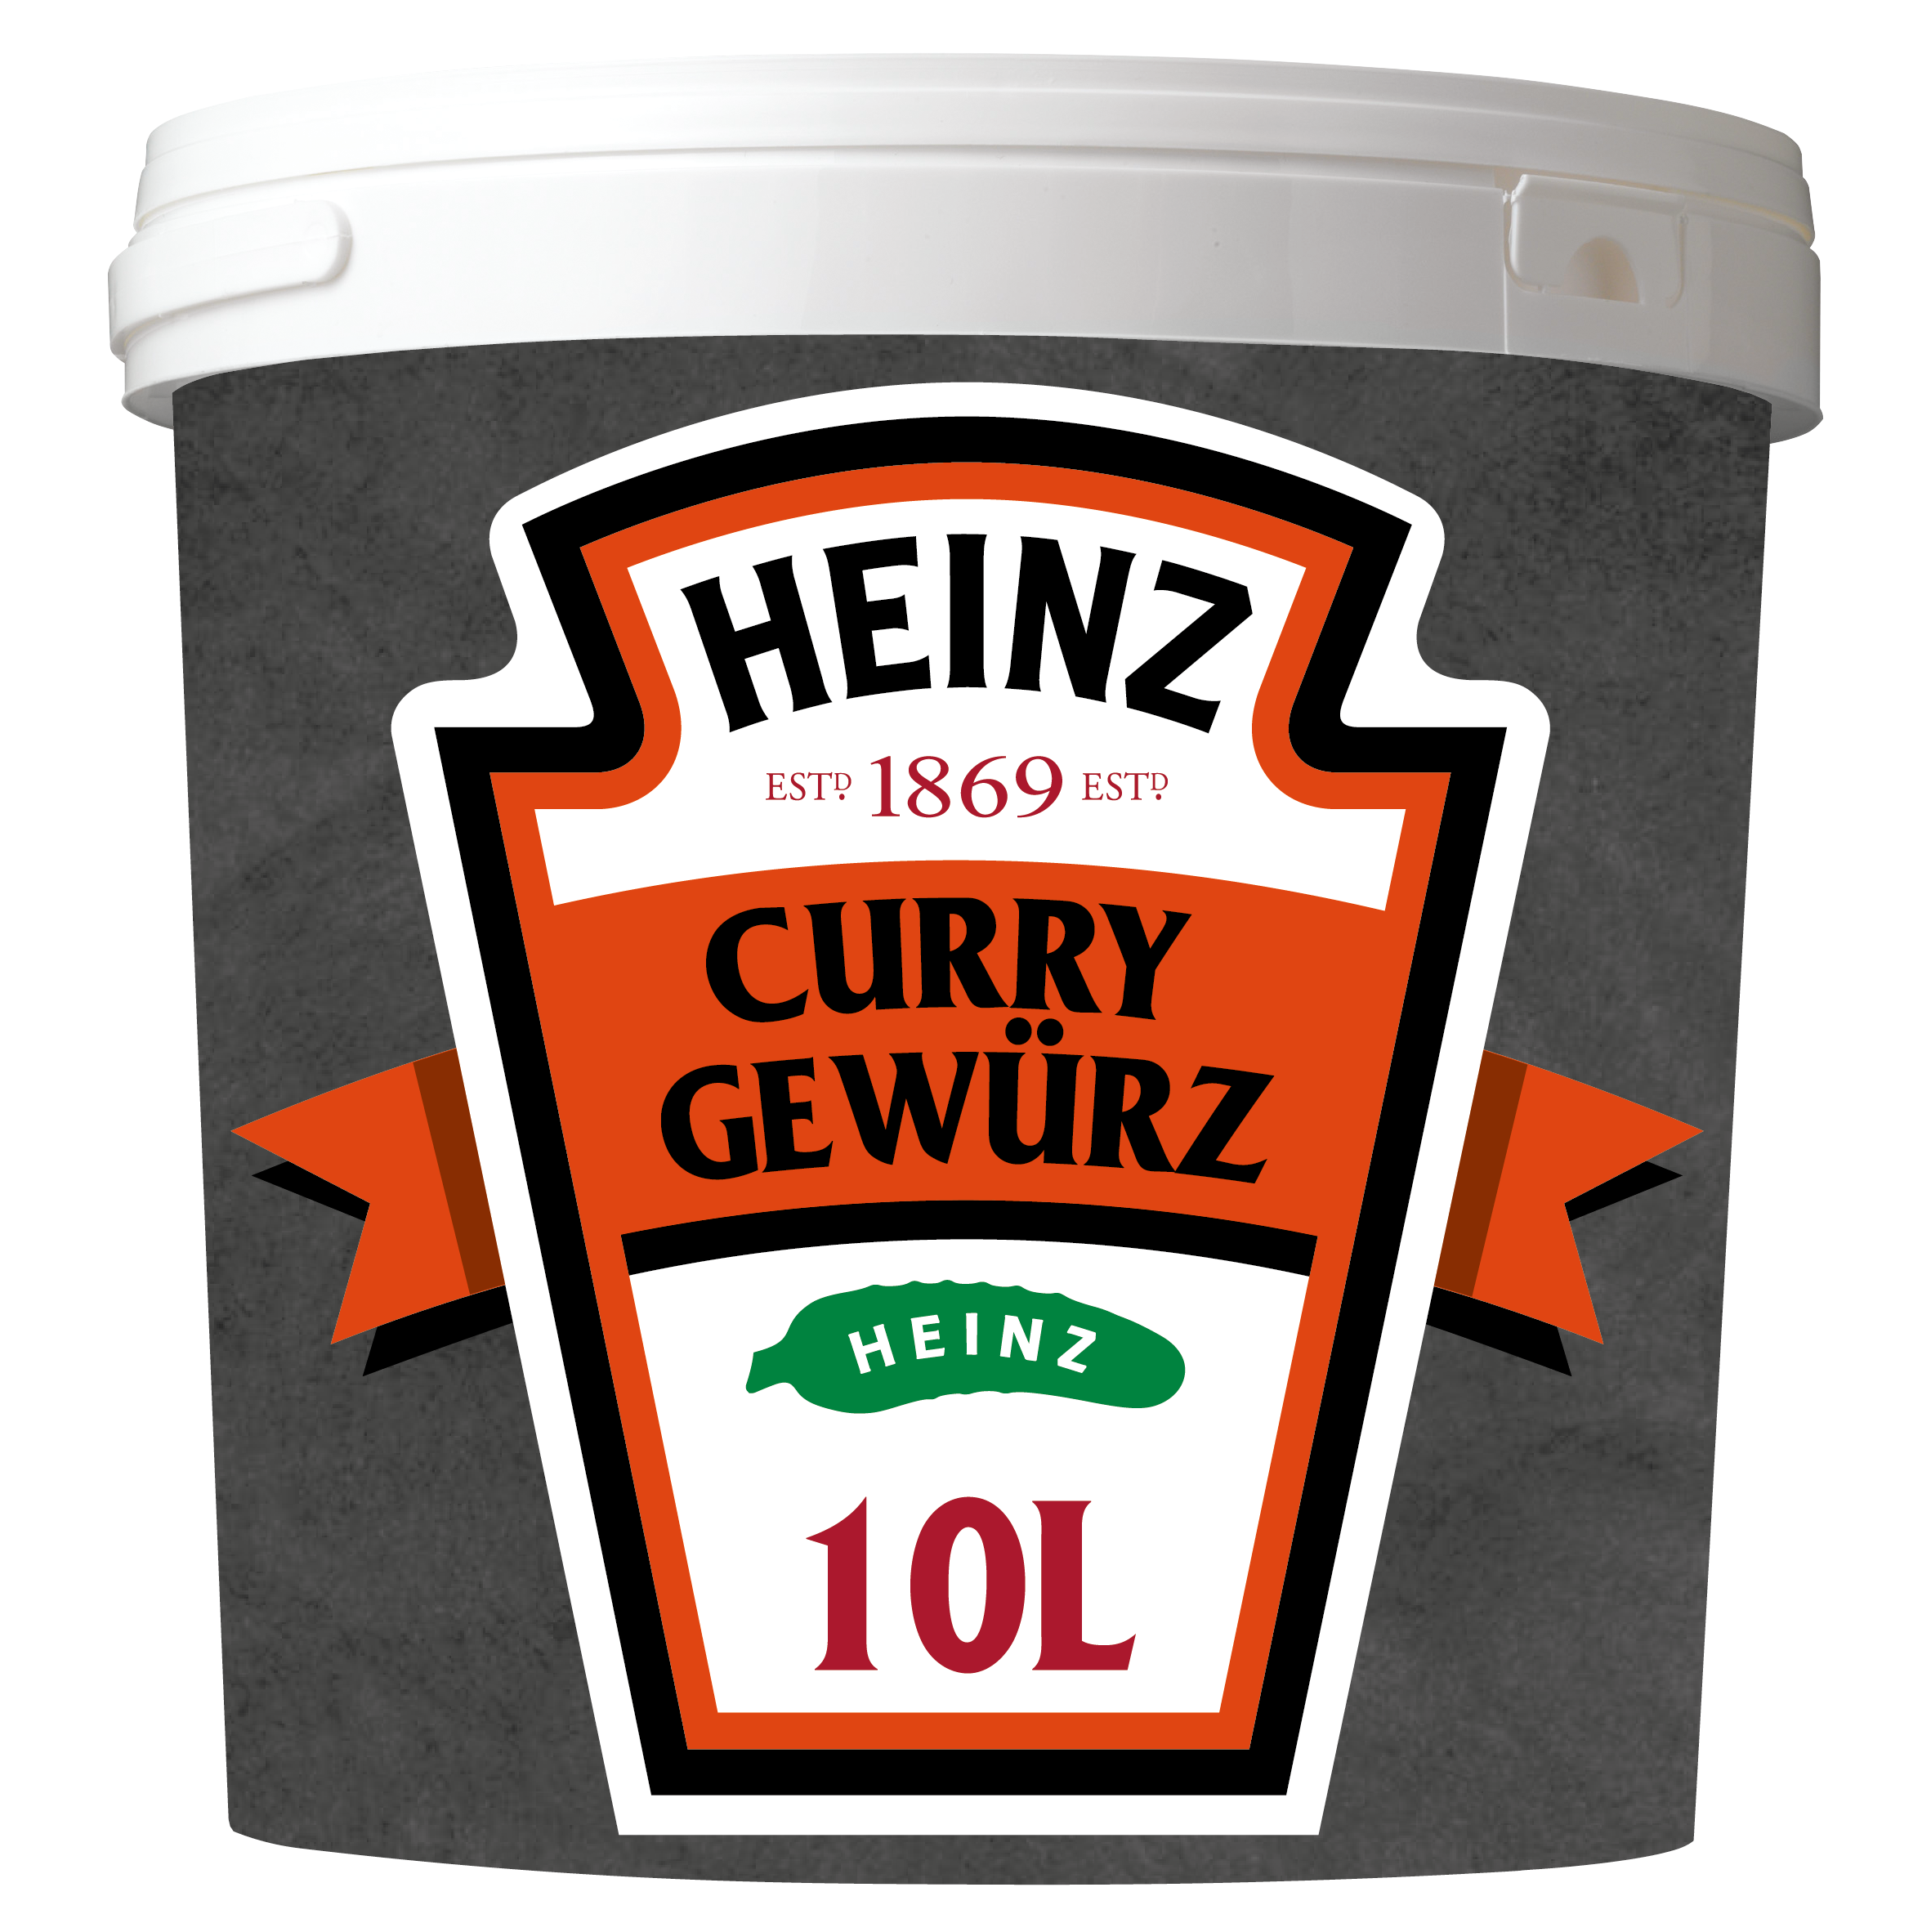 Heinz Curry Gewurz 10L image